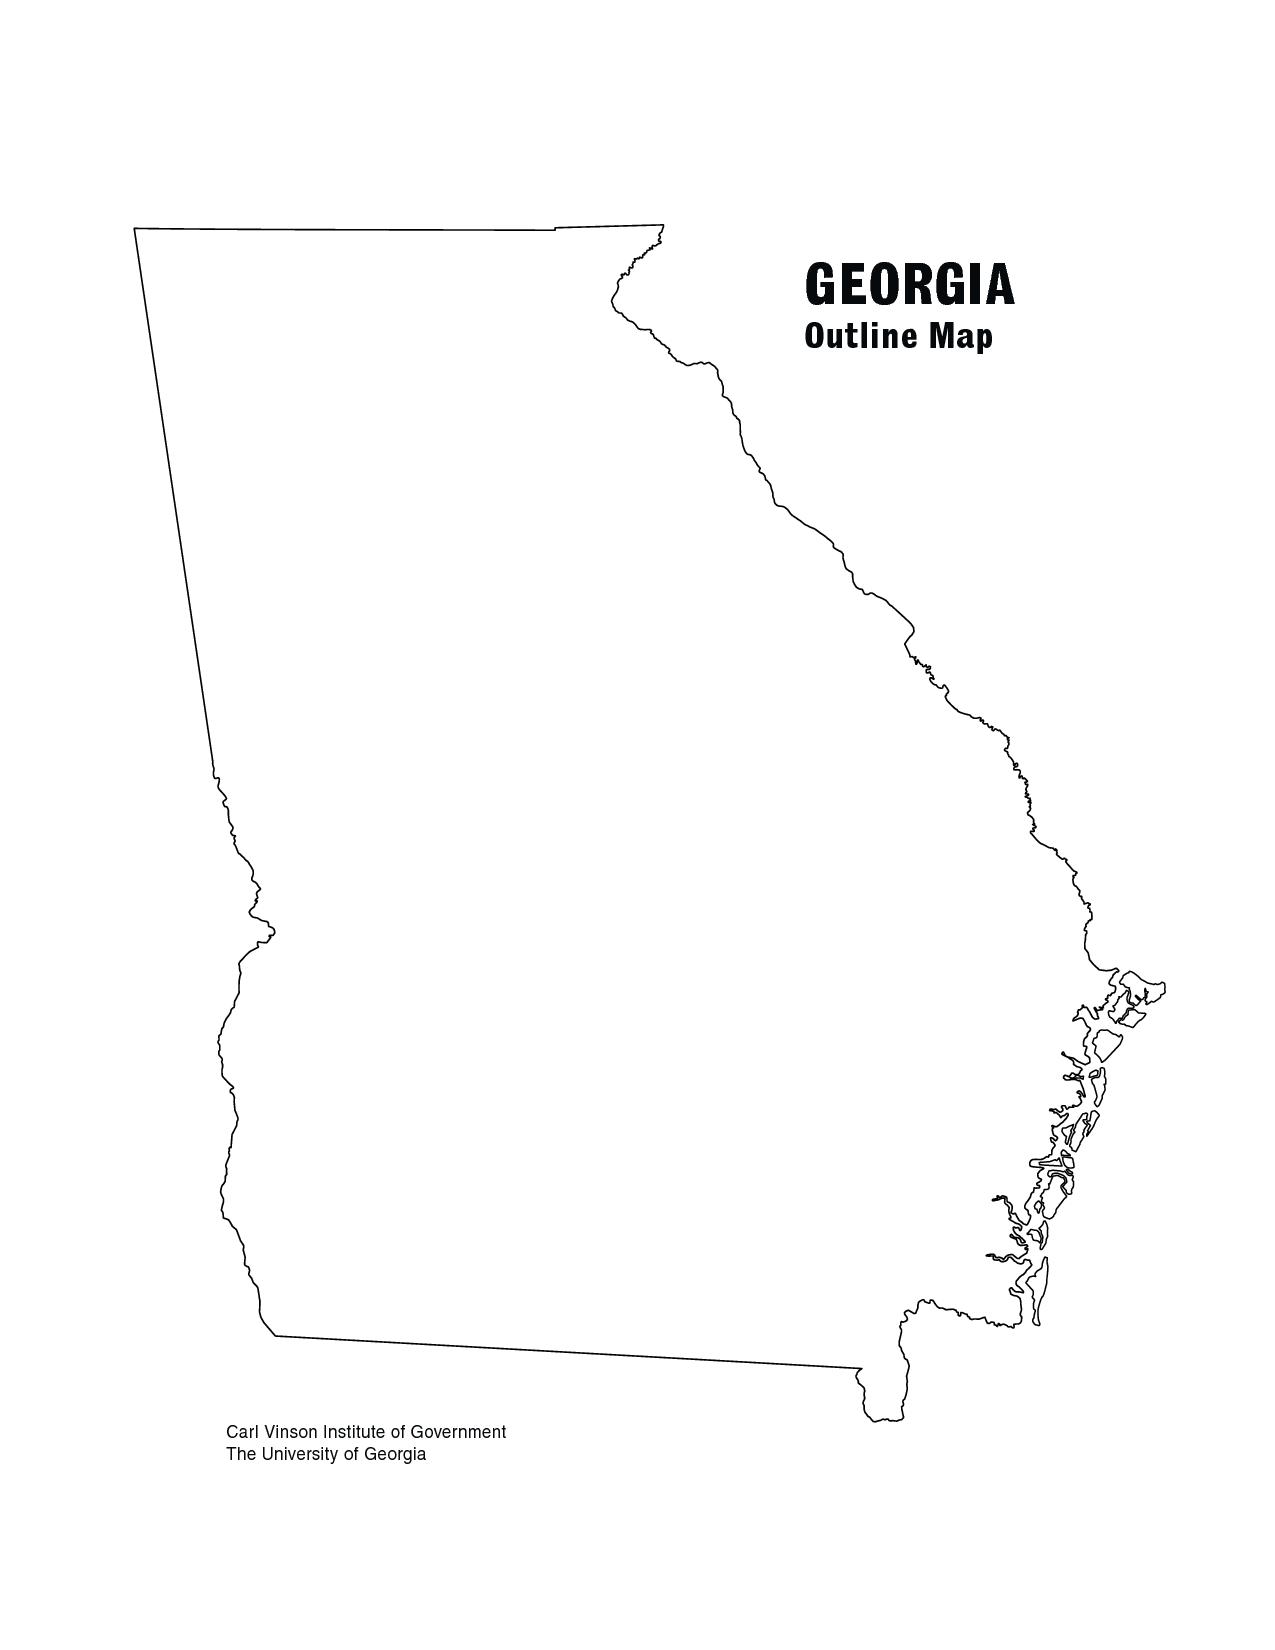 Georgia Outline Georgia Outline Map